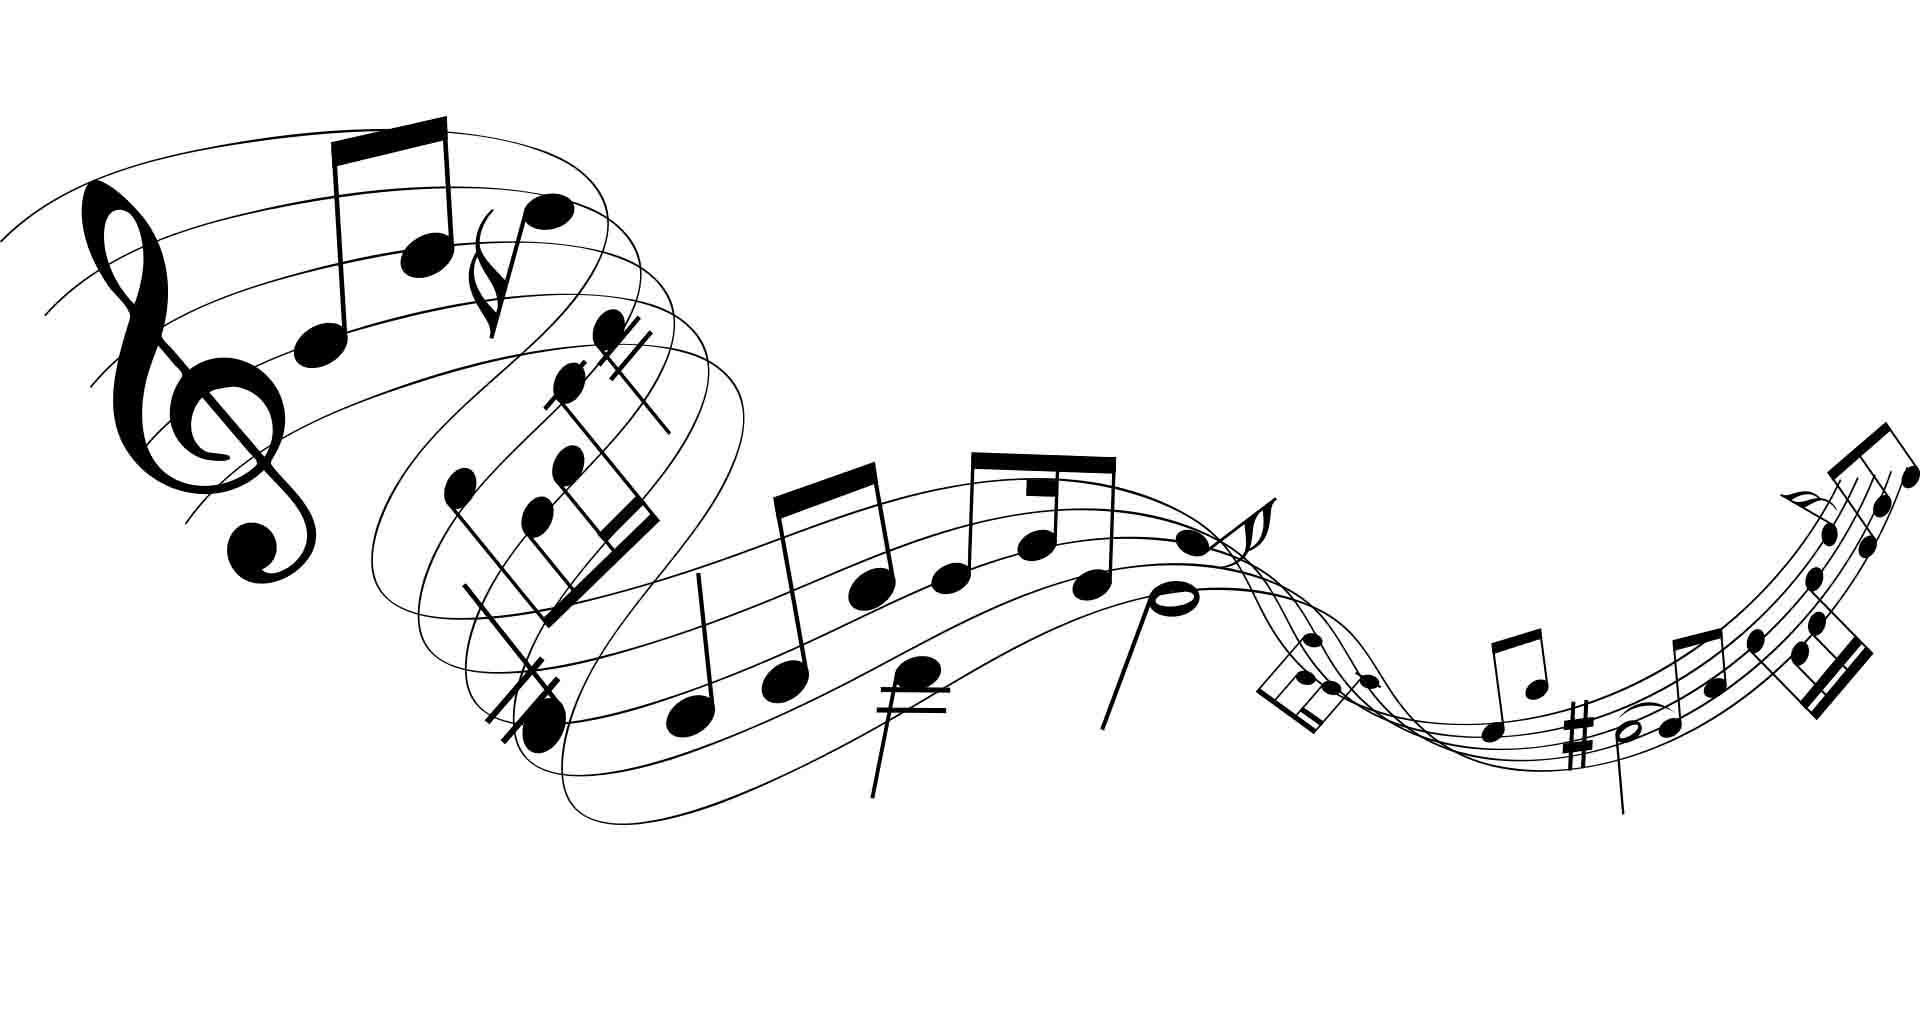 موسیقی مبتذل یا ابتذال سلیقه